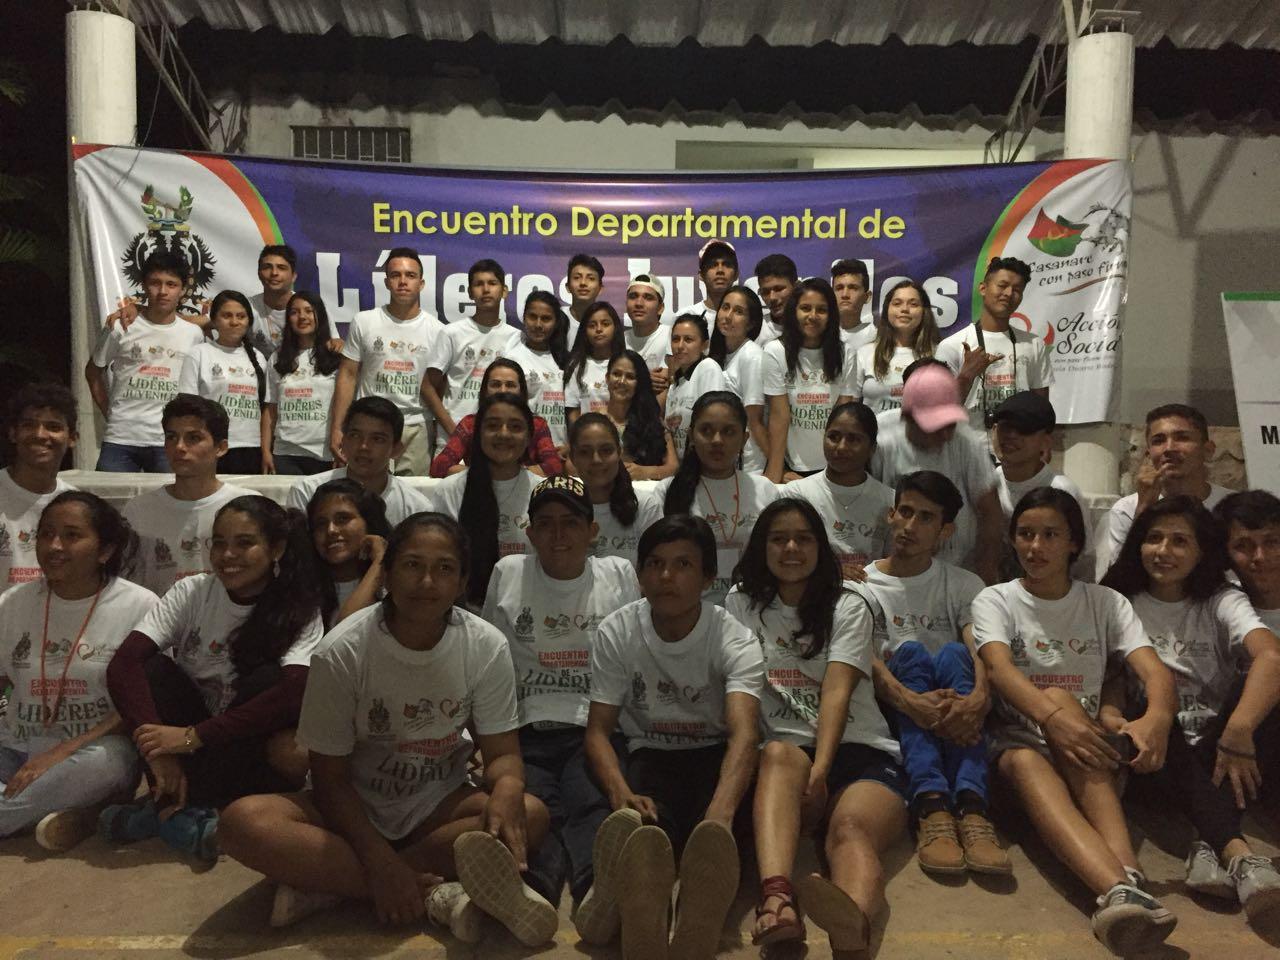 65 jóvenes de Casanare participaron durante tres días del gran encuentro de líderes